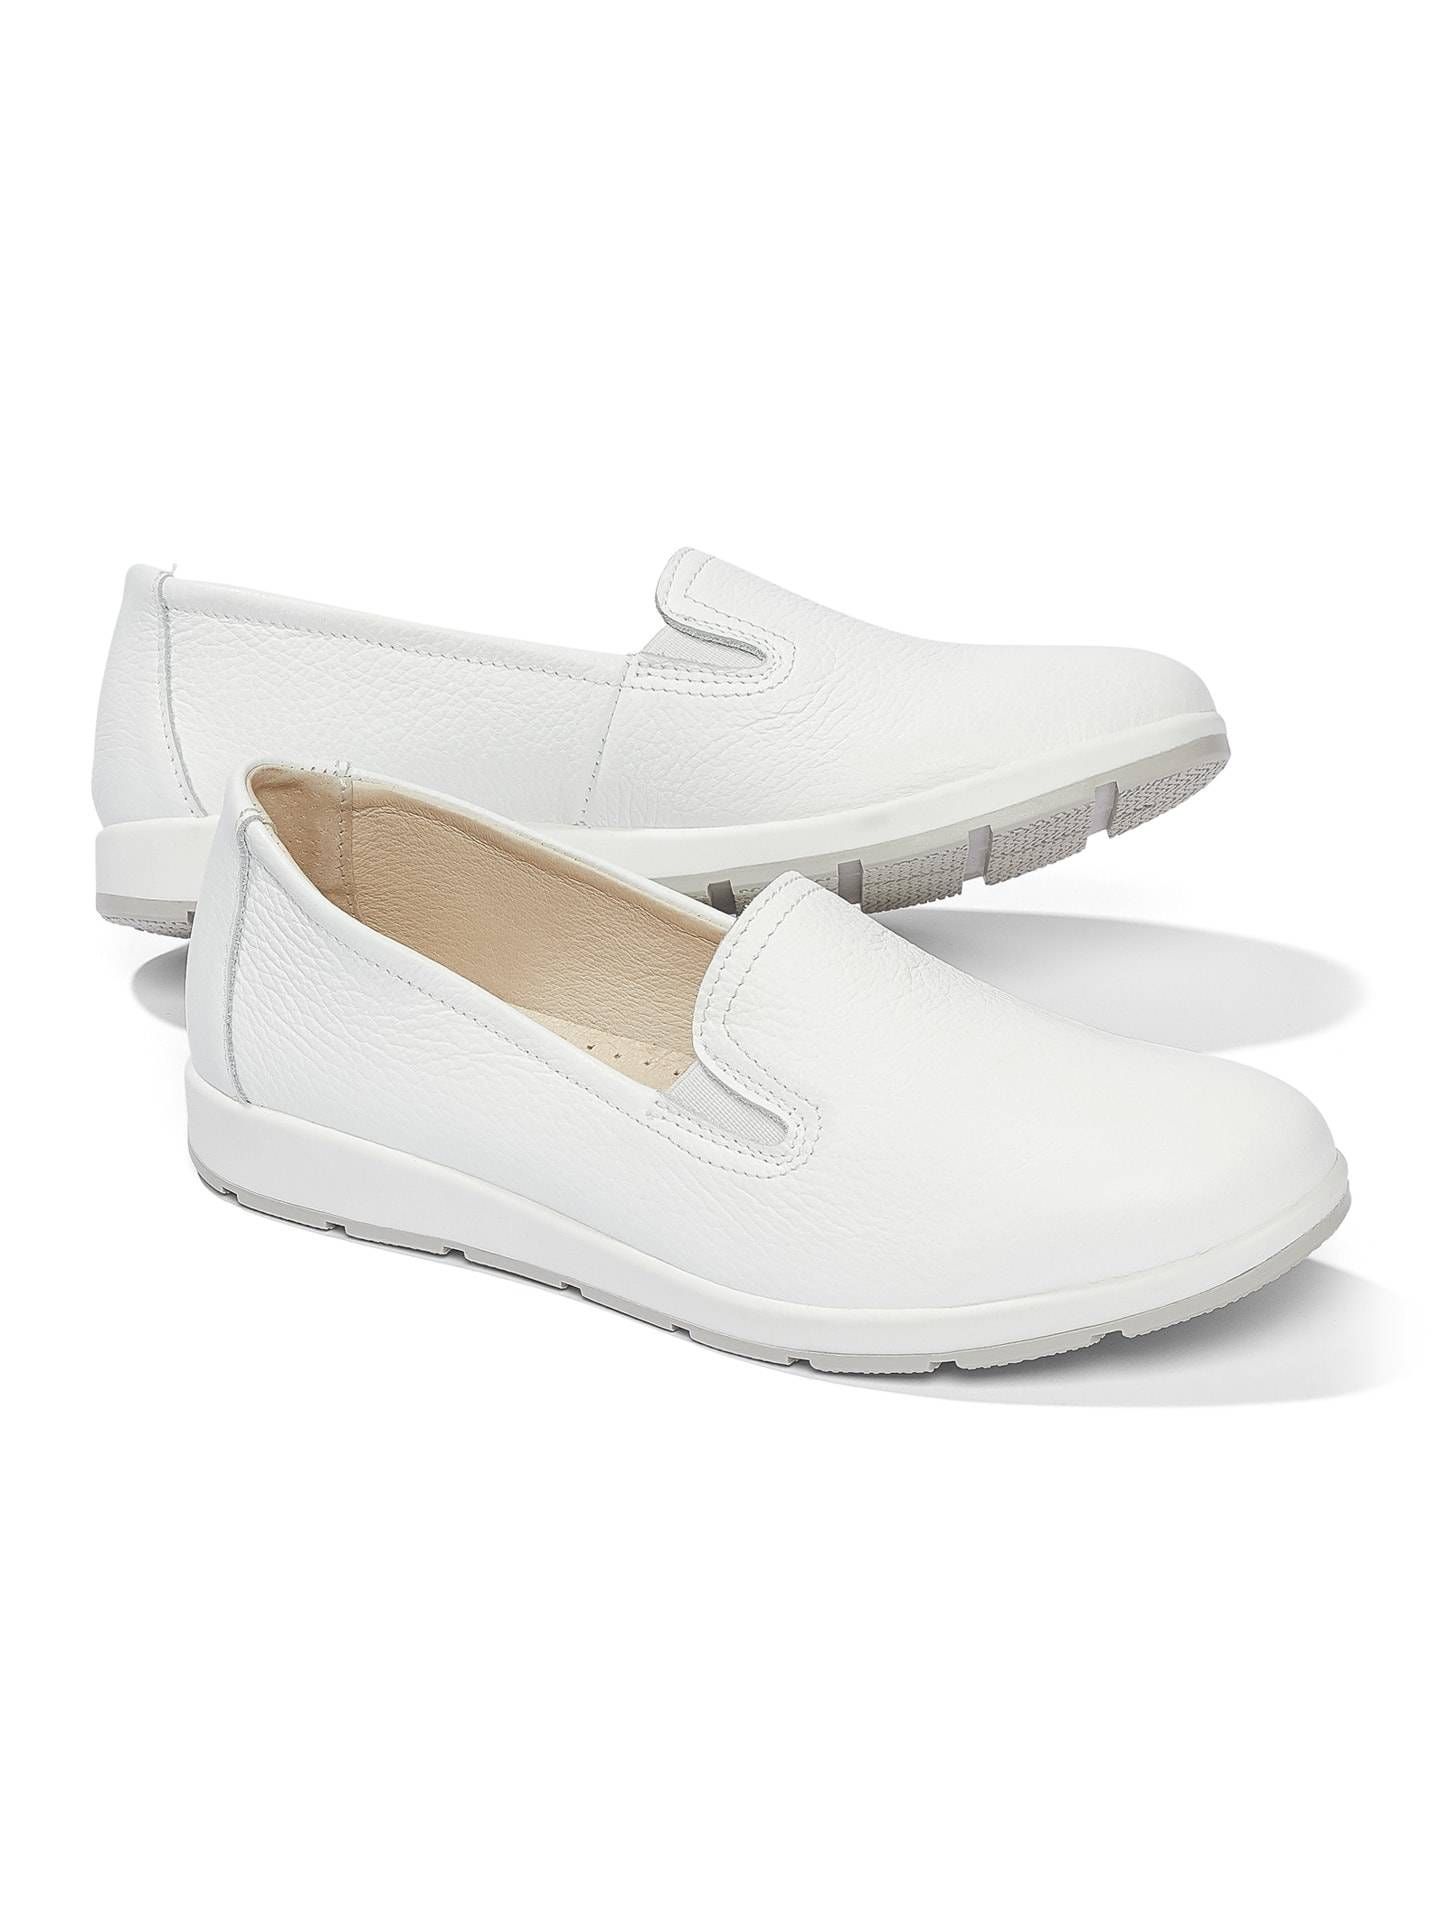 Walbusch Damen Koffer Slipper 2.0 einfarbig Weiß 39